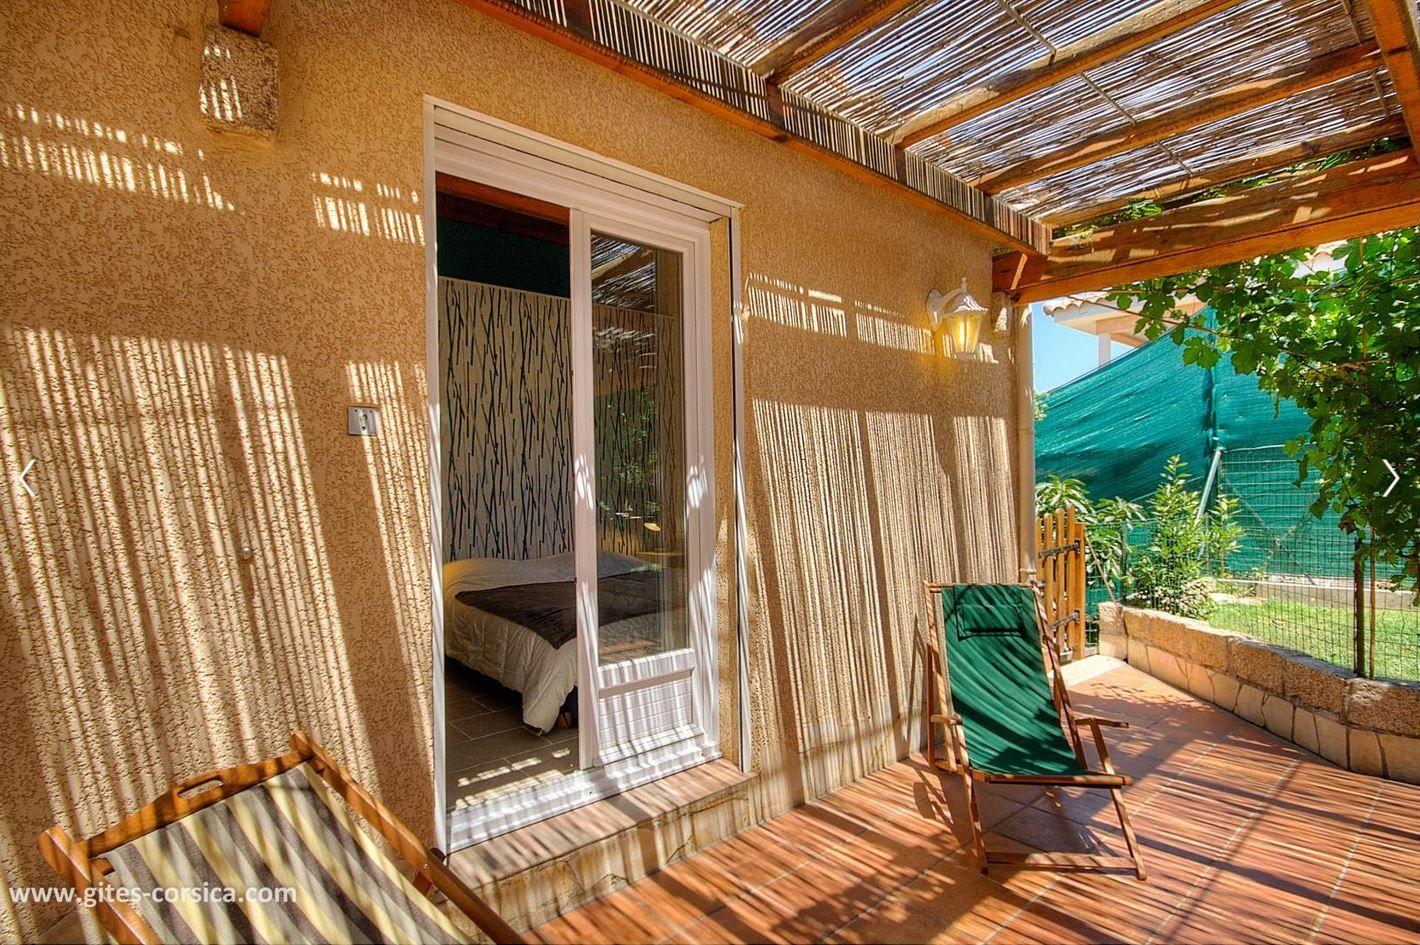 Connaissez Vous La Ville De Propriano Decouvrez La Avec Cette Maison Et Profitez D Une Vue Panoramique Decoration Exterieur Locations Vacances Vacances Corse